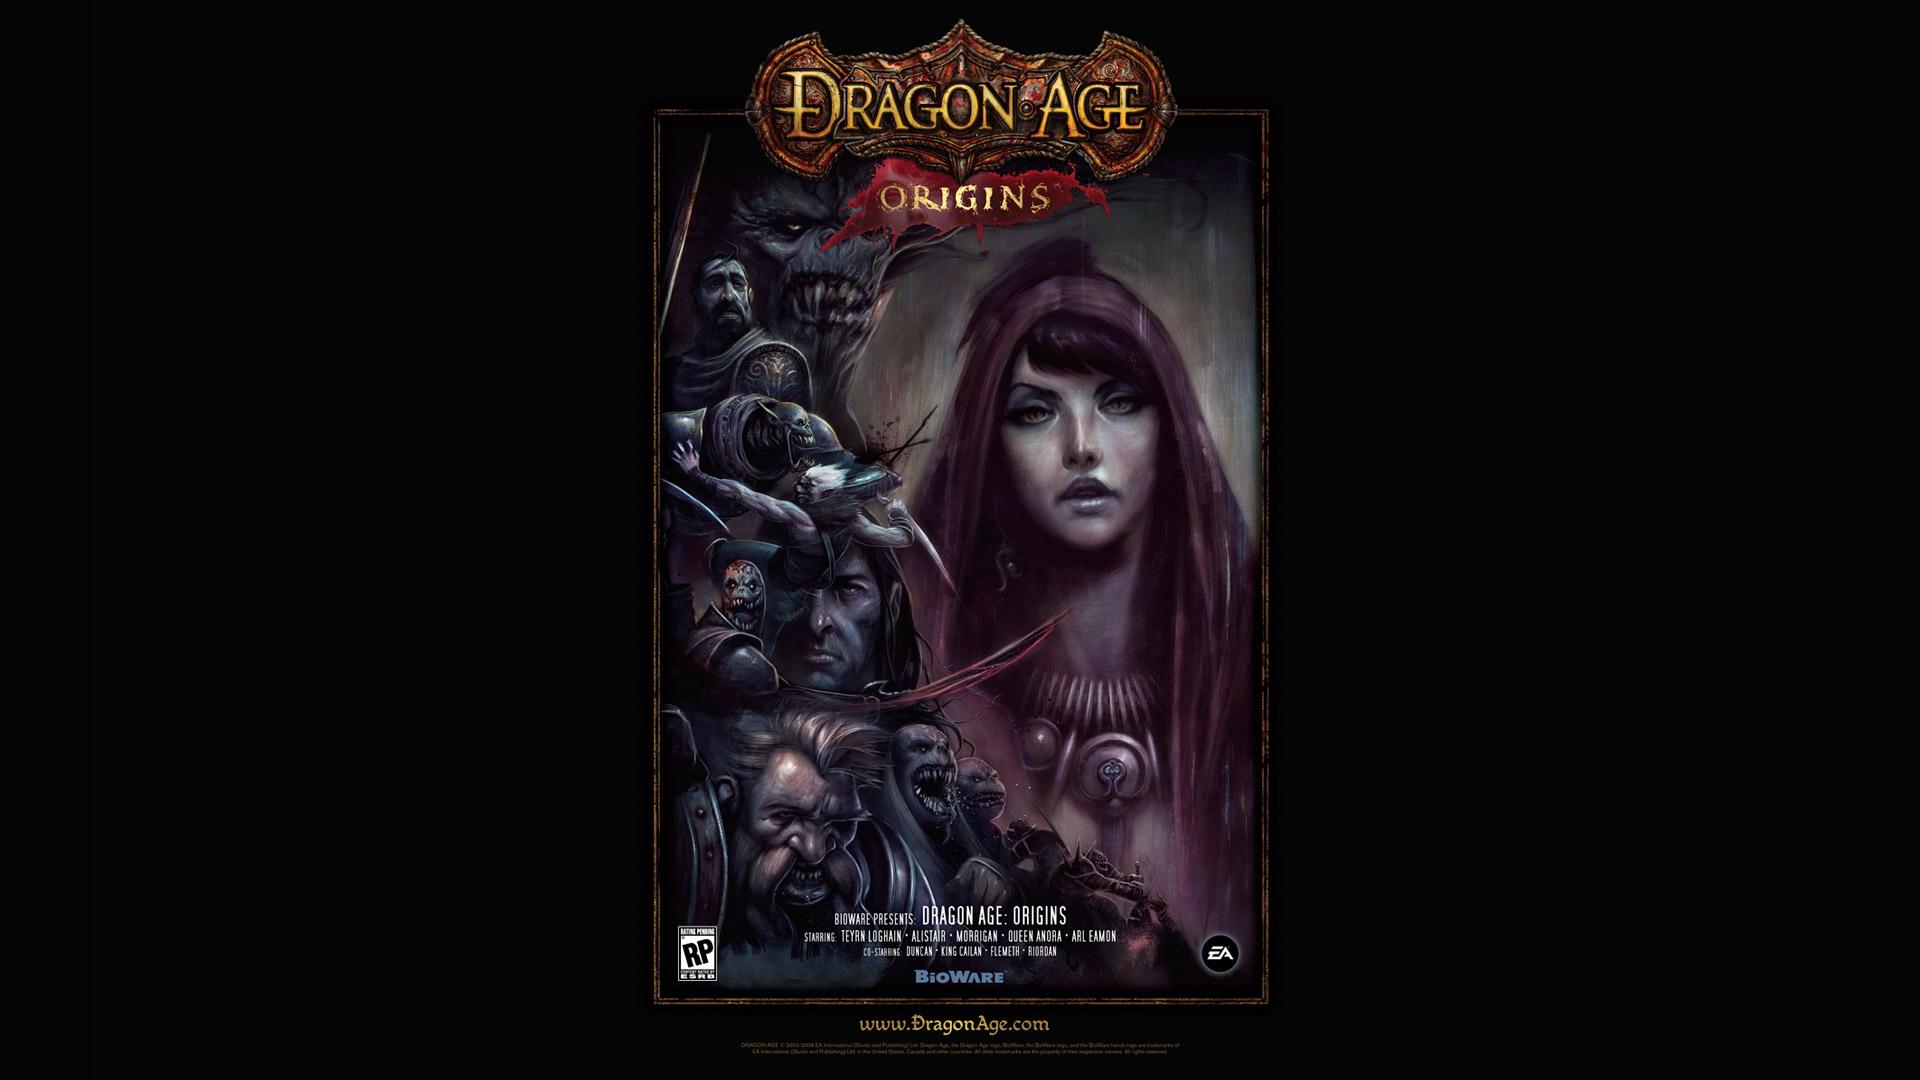 Dragon Age: Origins Wallpaper in 1920x1080